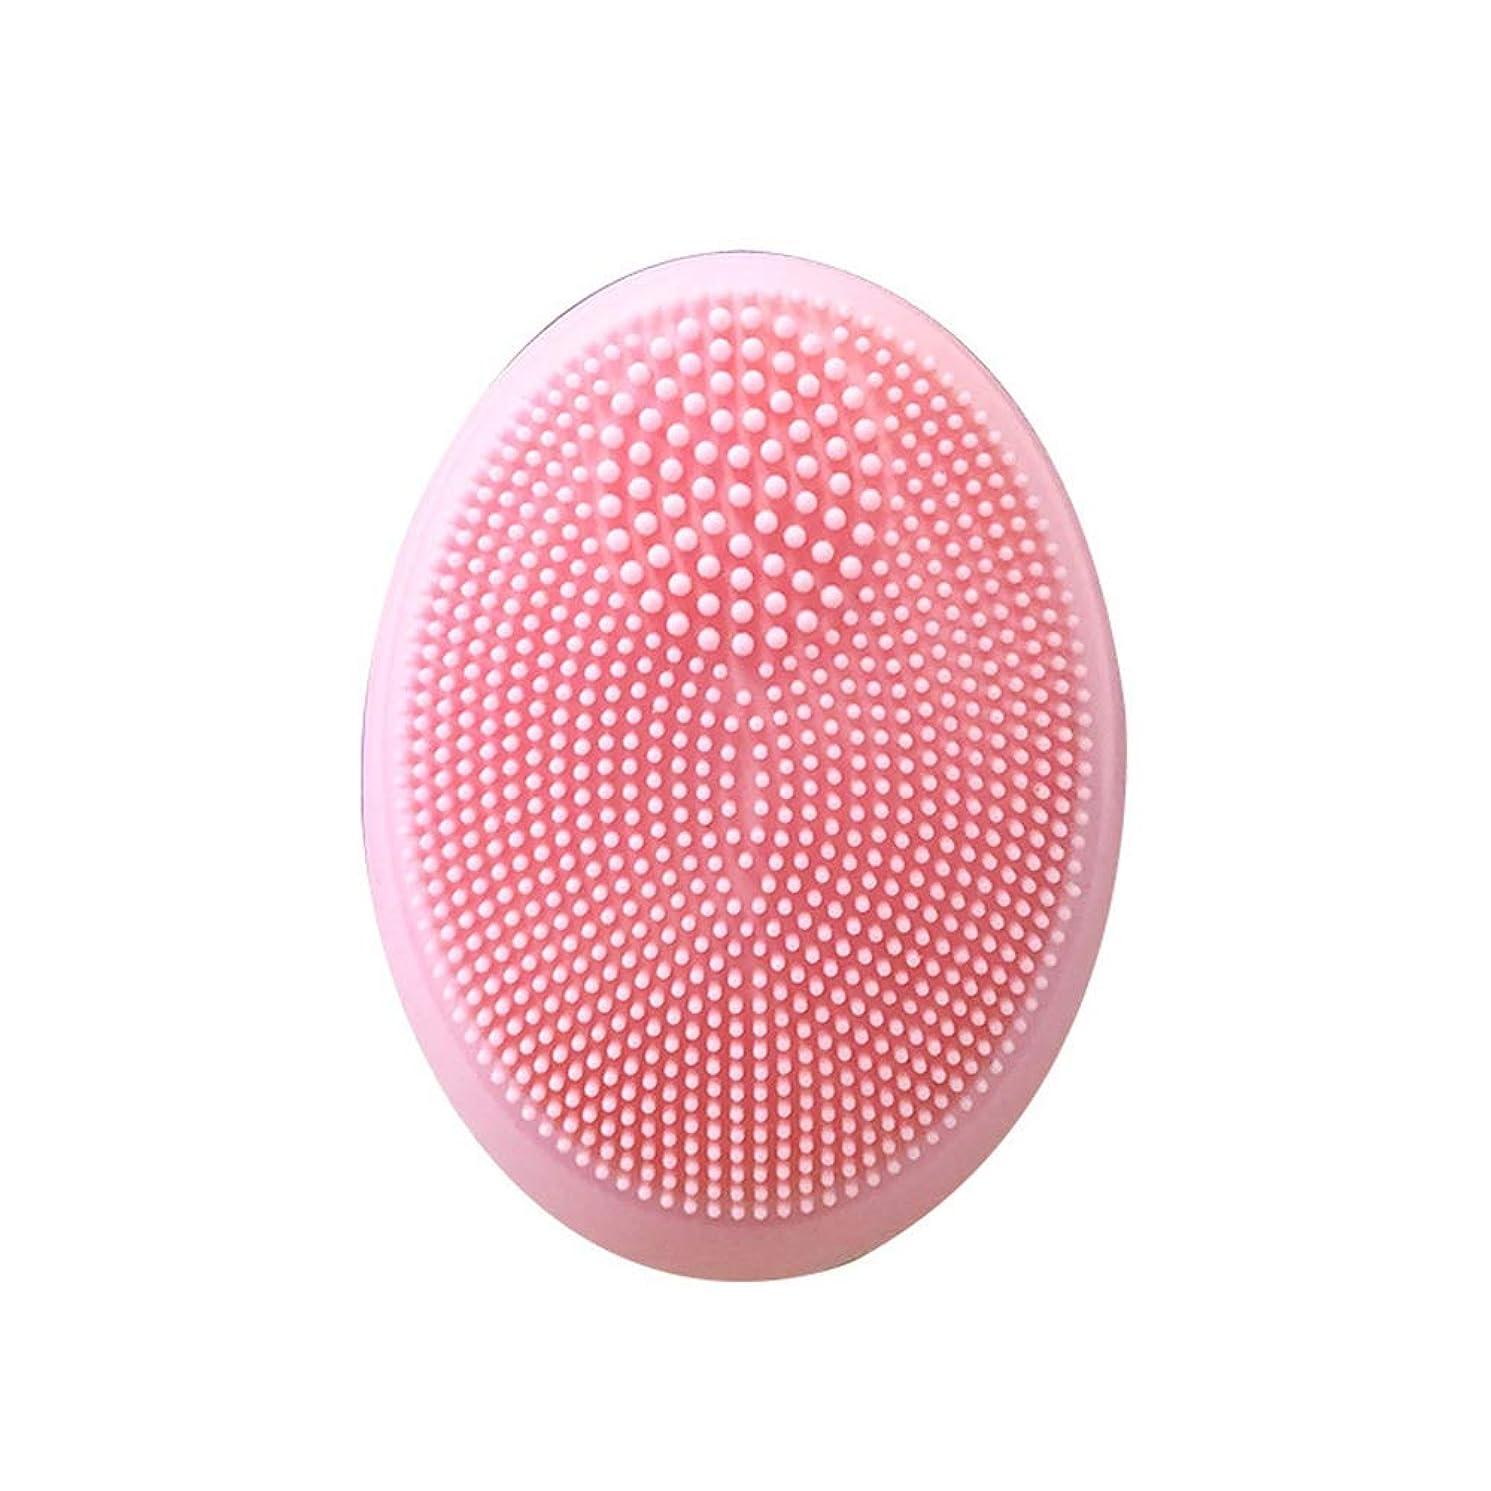 なくなるその後賛美歌ZXF 新しい電気シリコーンクレンジングブラシ超音波振動洗浄孔防水クレンジング楽器 滑らかである